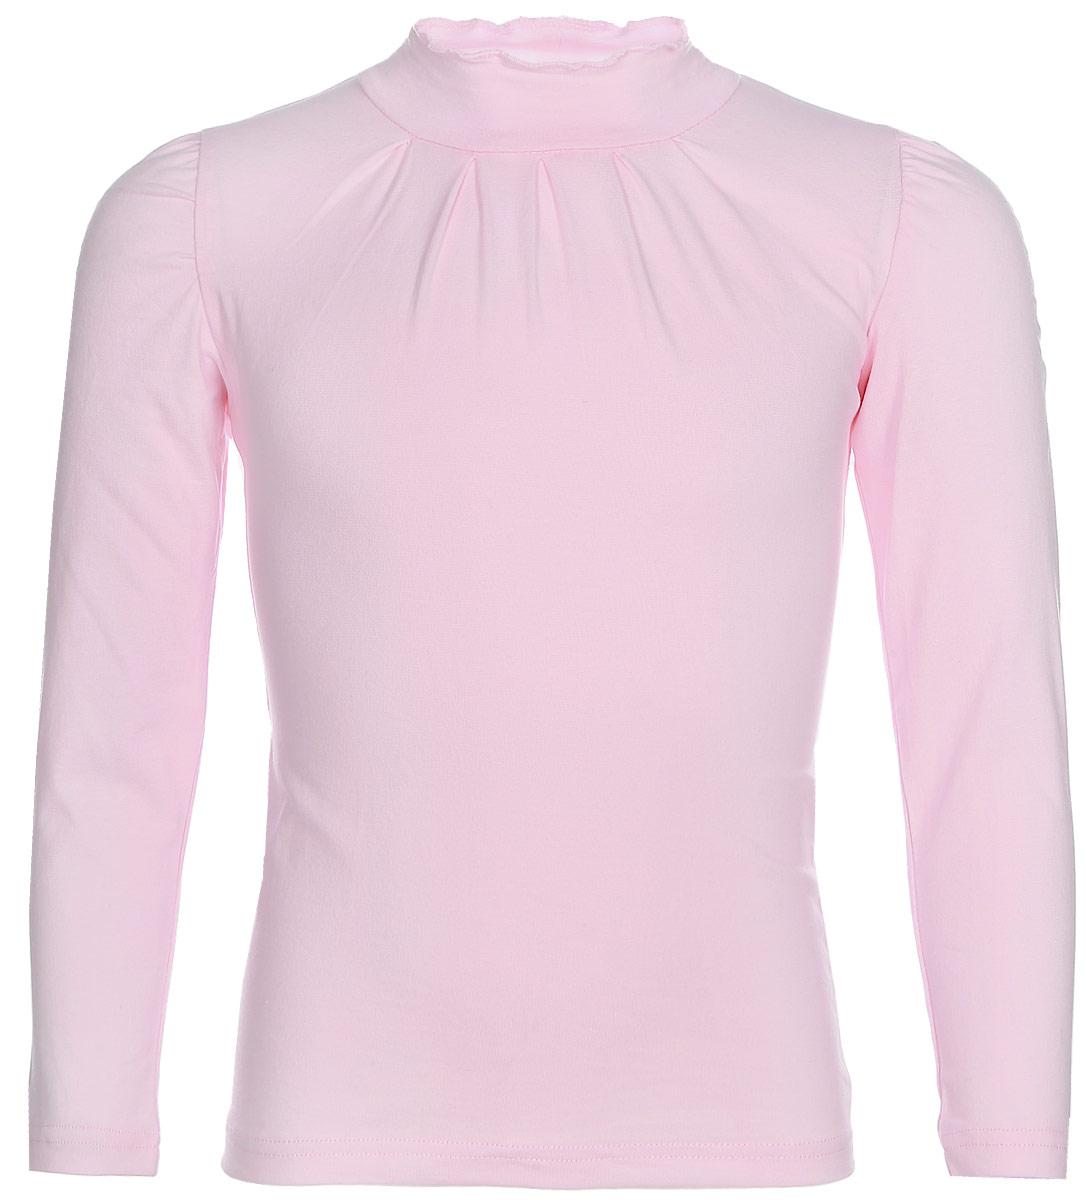 Водолазка для девочки LeadGen, цвет: розовый. G935007016-172. Размер 122G935007016-172Водолазка для девочки LeadGen выполнена из эластичного хлопкового трикотажа. Модель с длинными рукавами и невысоким воротником-стойкой. От линии горловины заложены небольшие складочки.